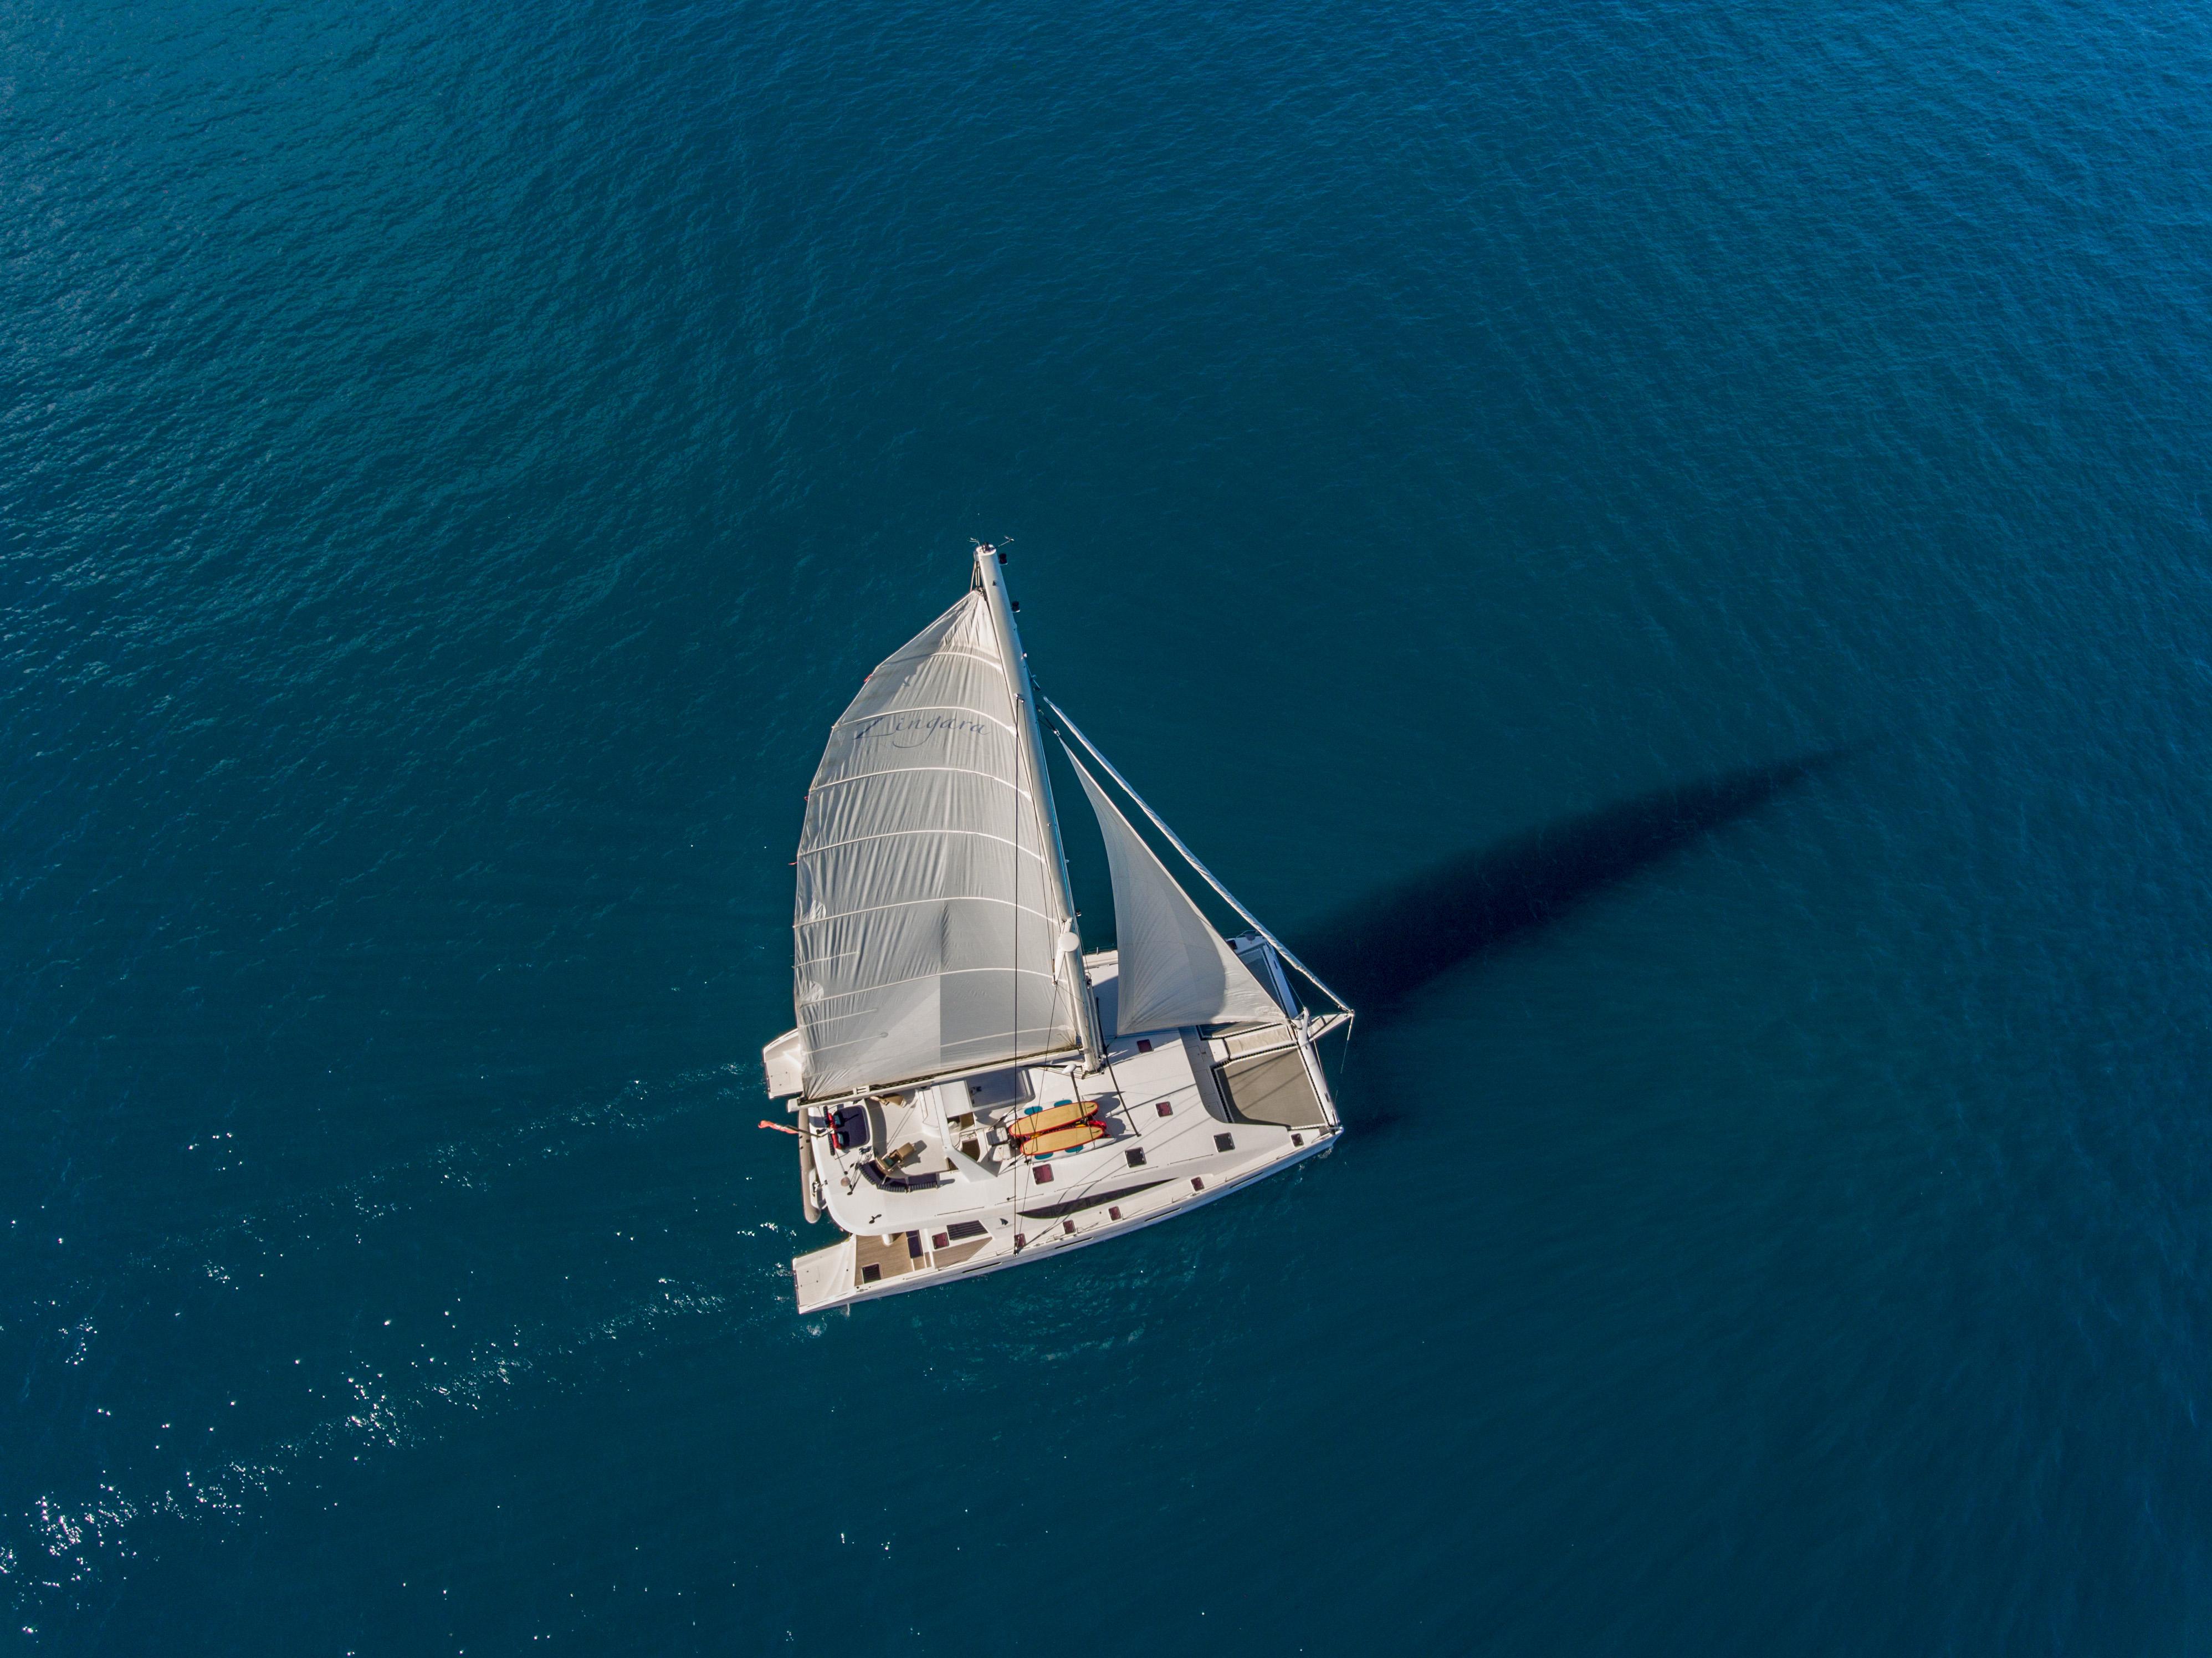 Zingara Yacht Charter - Aeriall